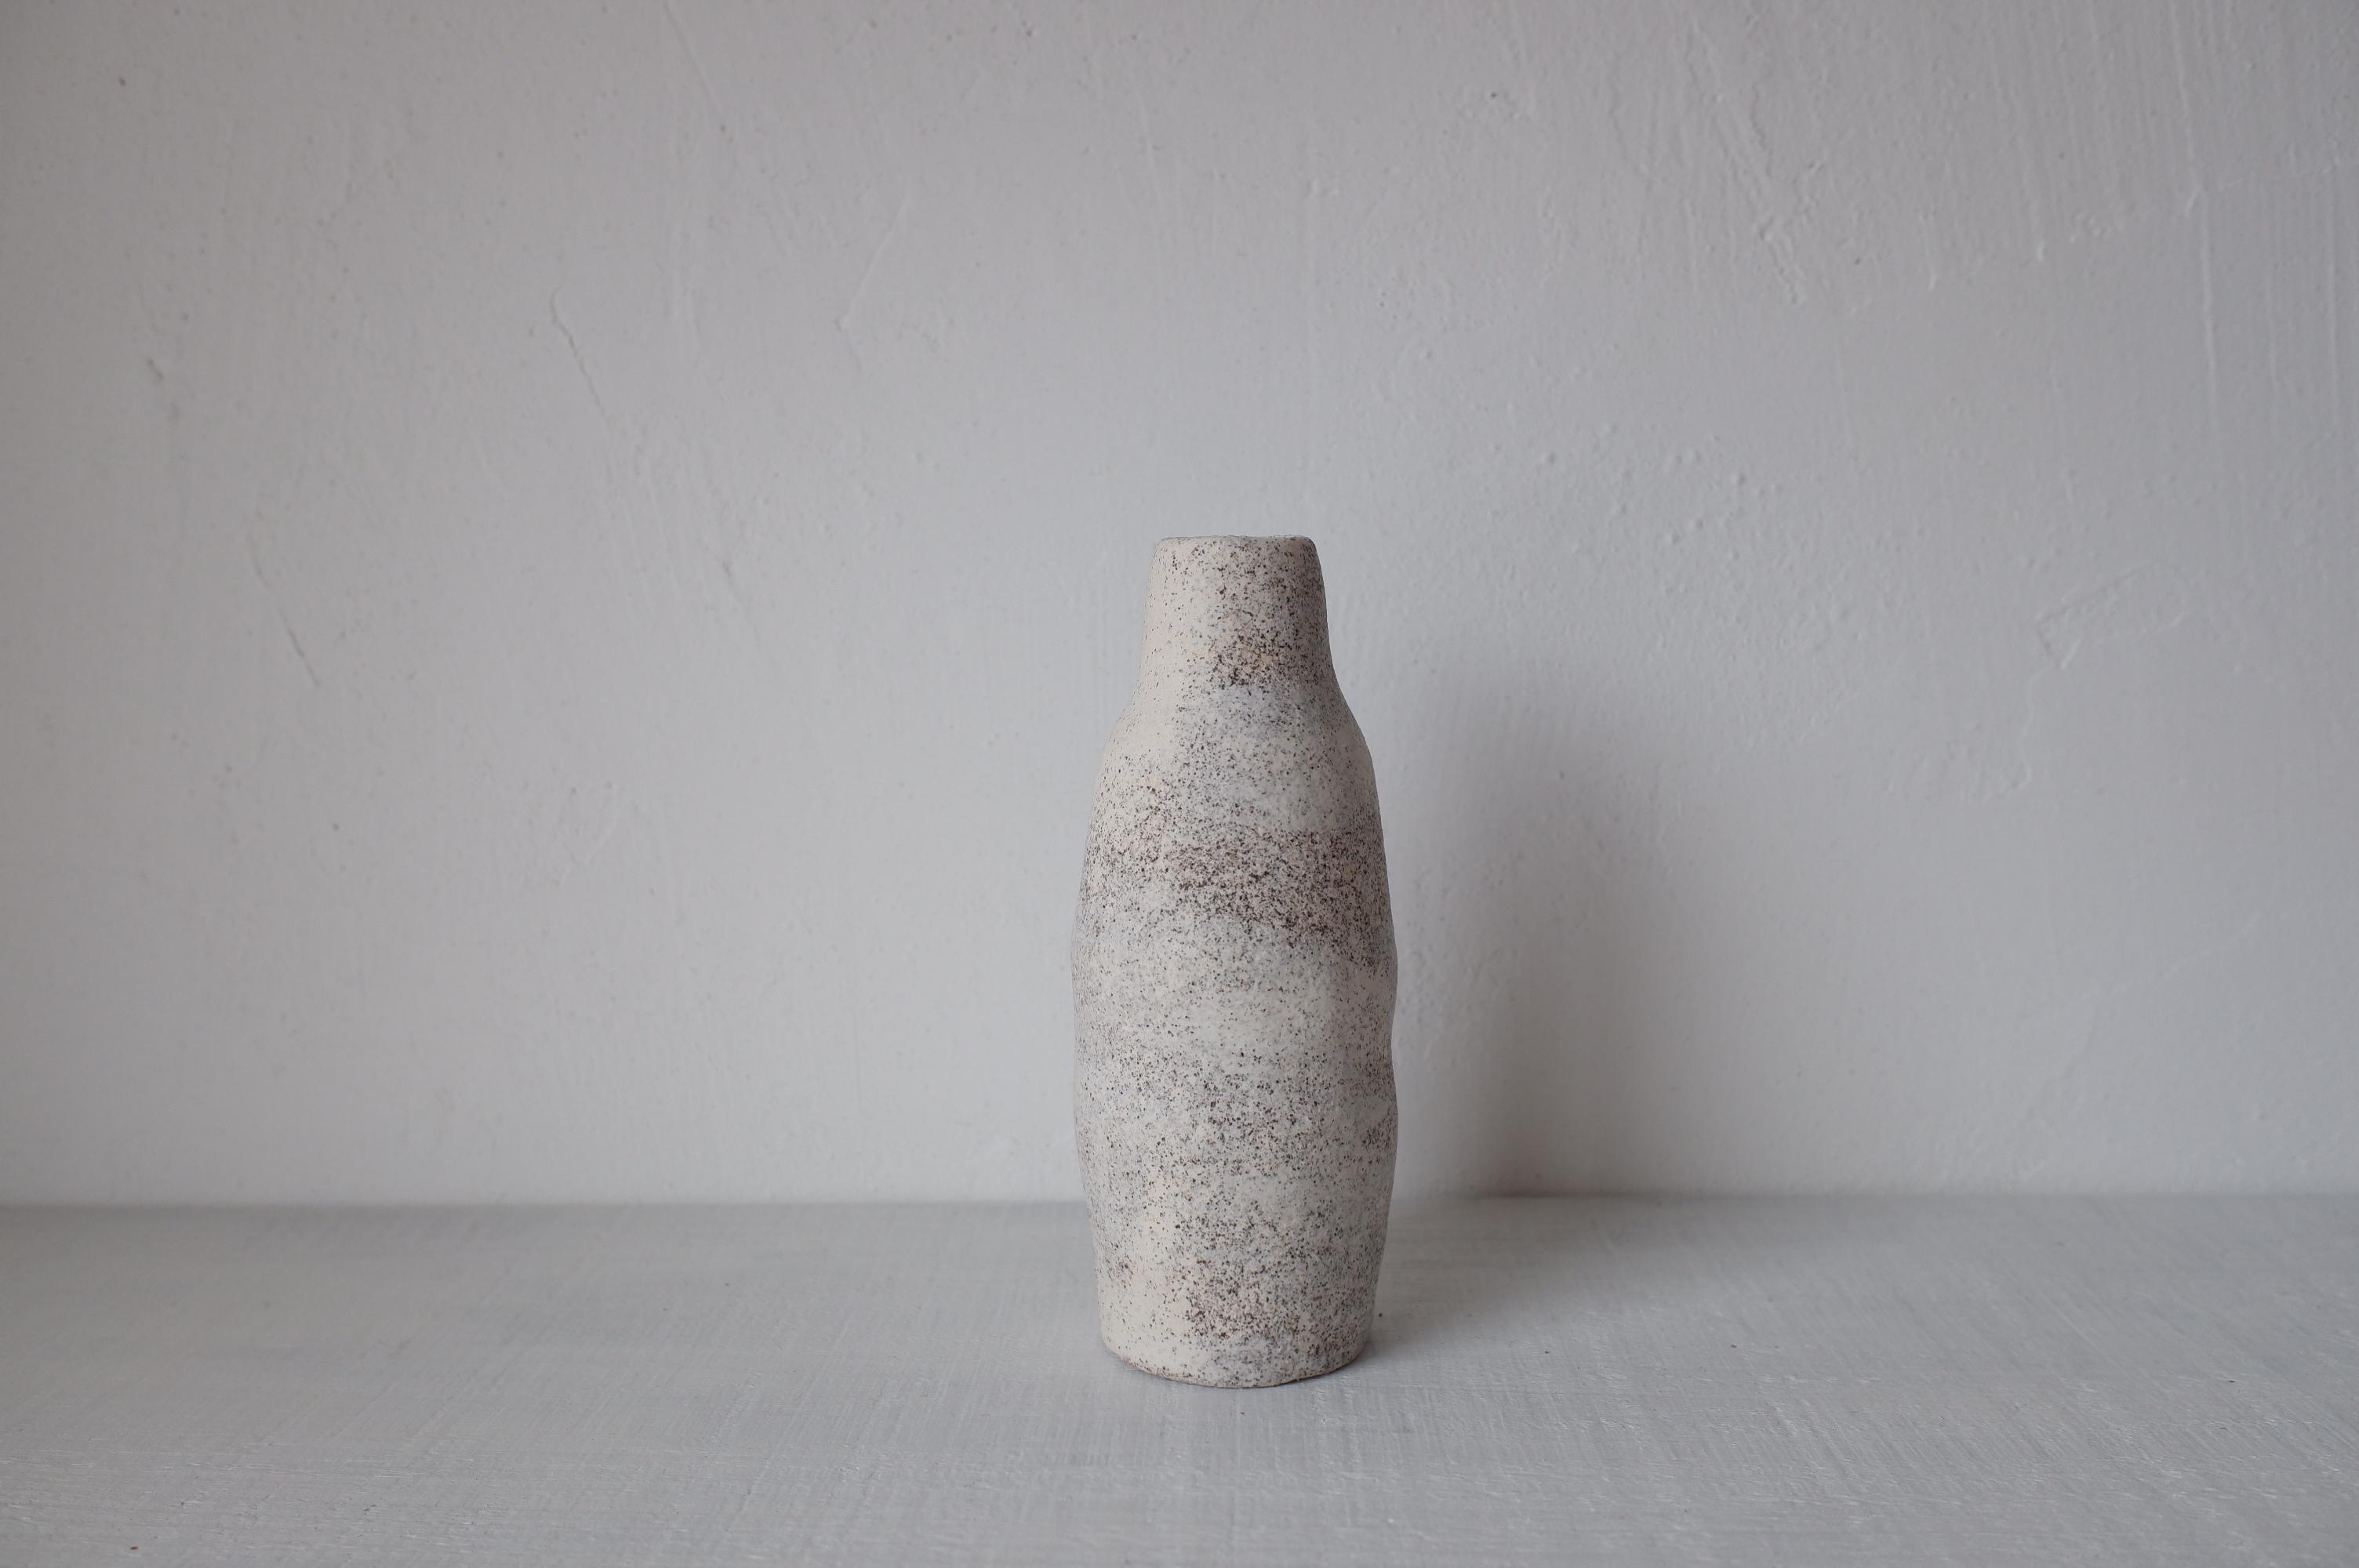 Dona ceramic studio 入江佑子 花器 1